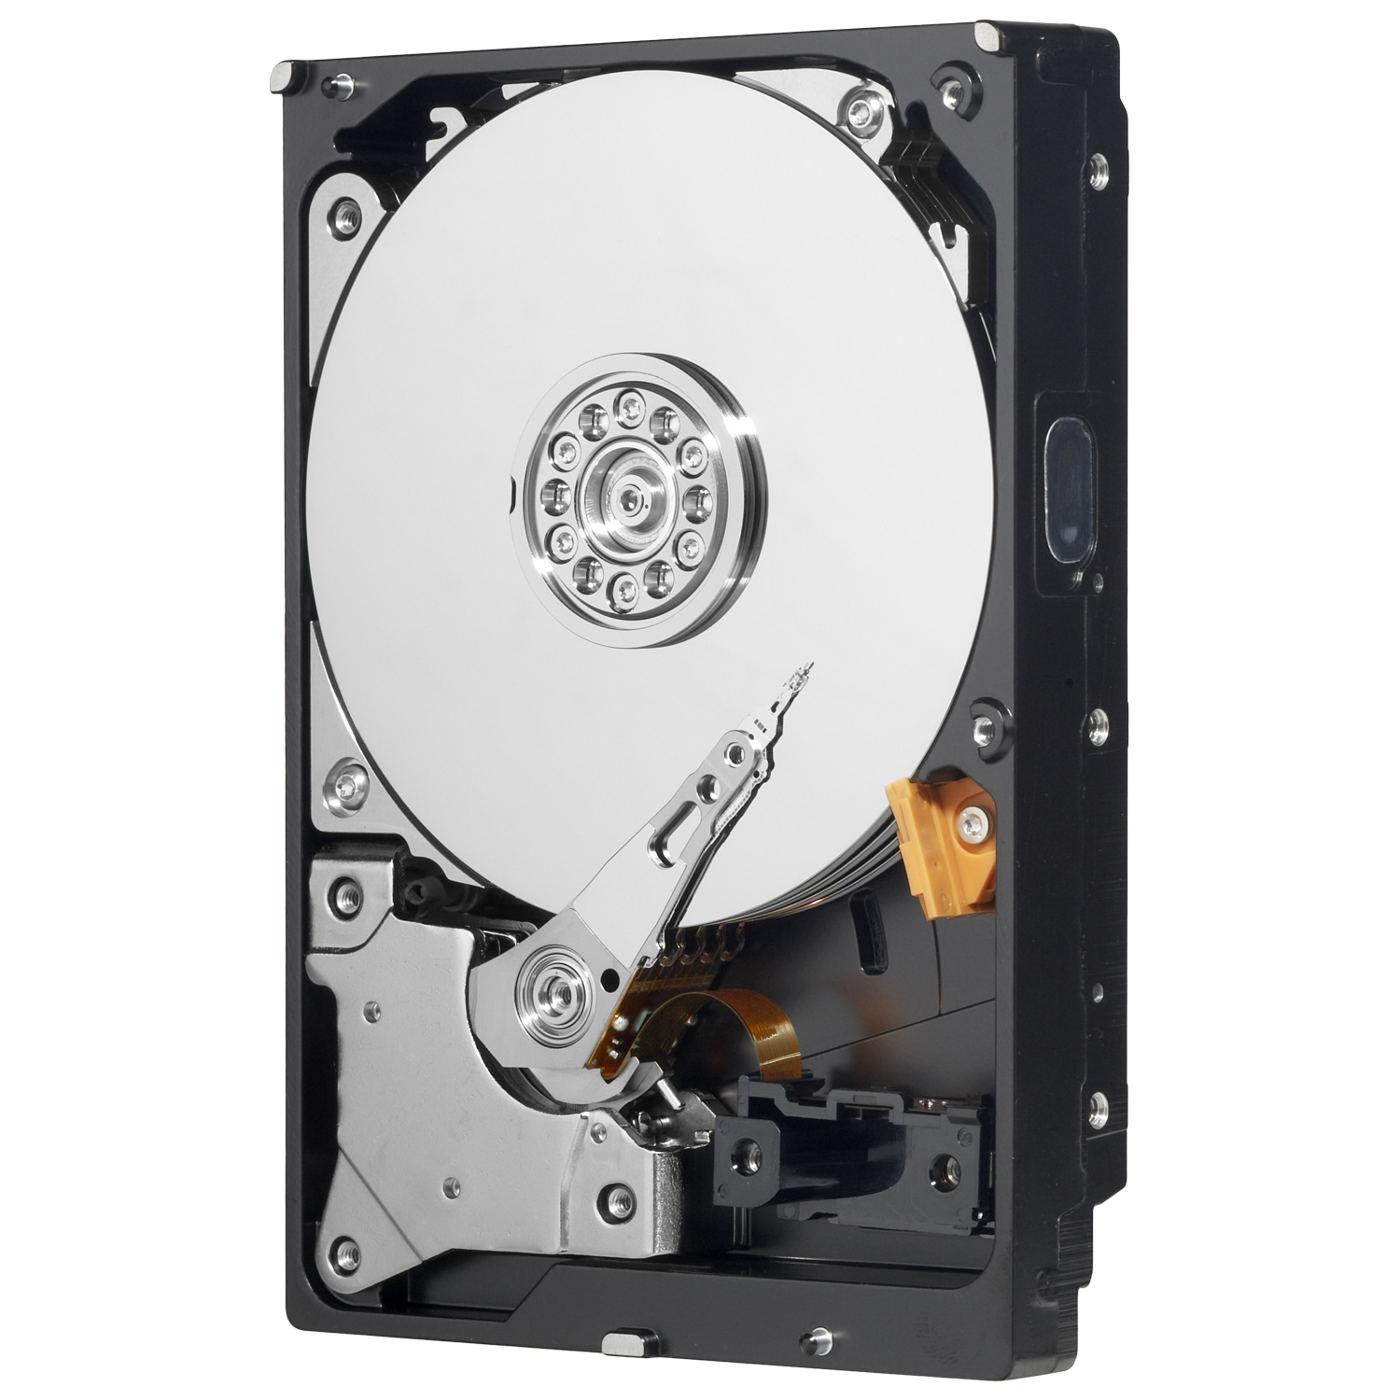 """Disque dur interne WD AV-GP 2 To SATA 6Gb/s Disque dur 3.5"""" 2 To 7200 RPM 64 Mo Serial ATA 6Gb/s - WD20EURX (bulk)"""